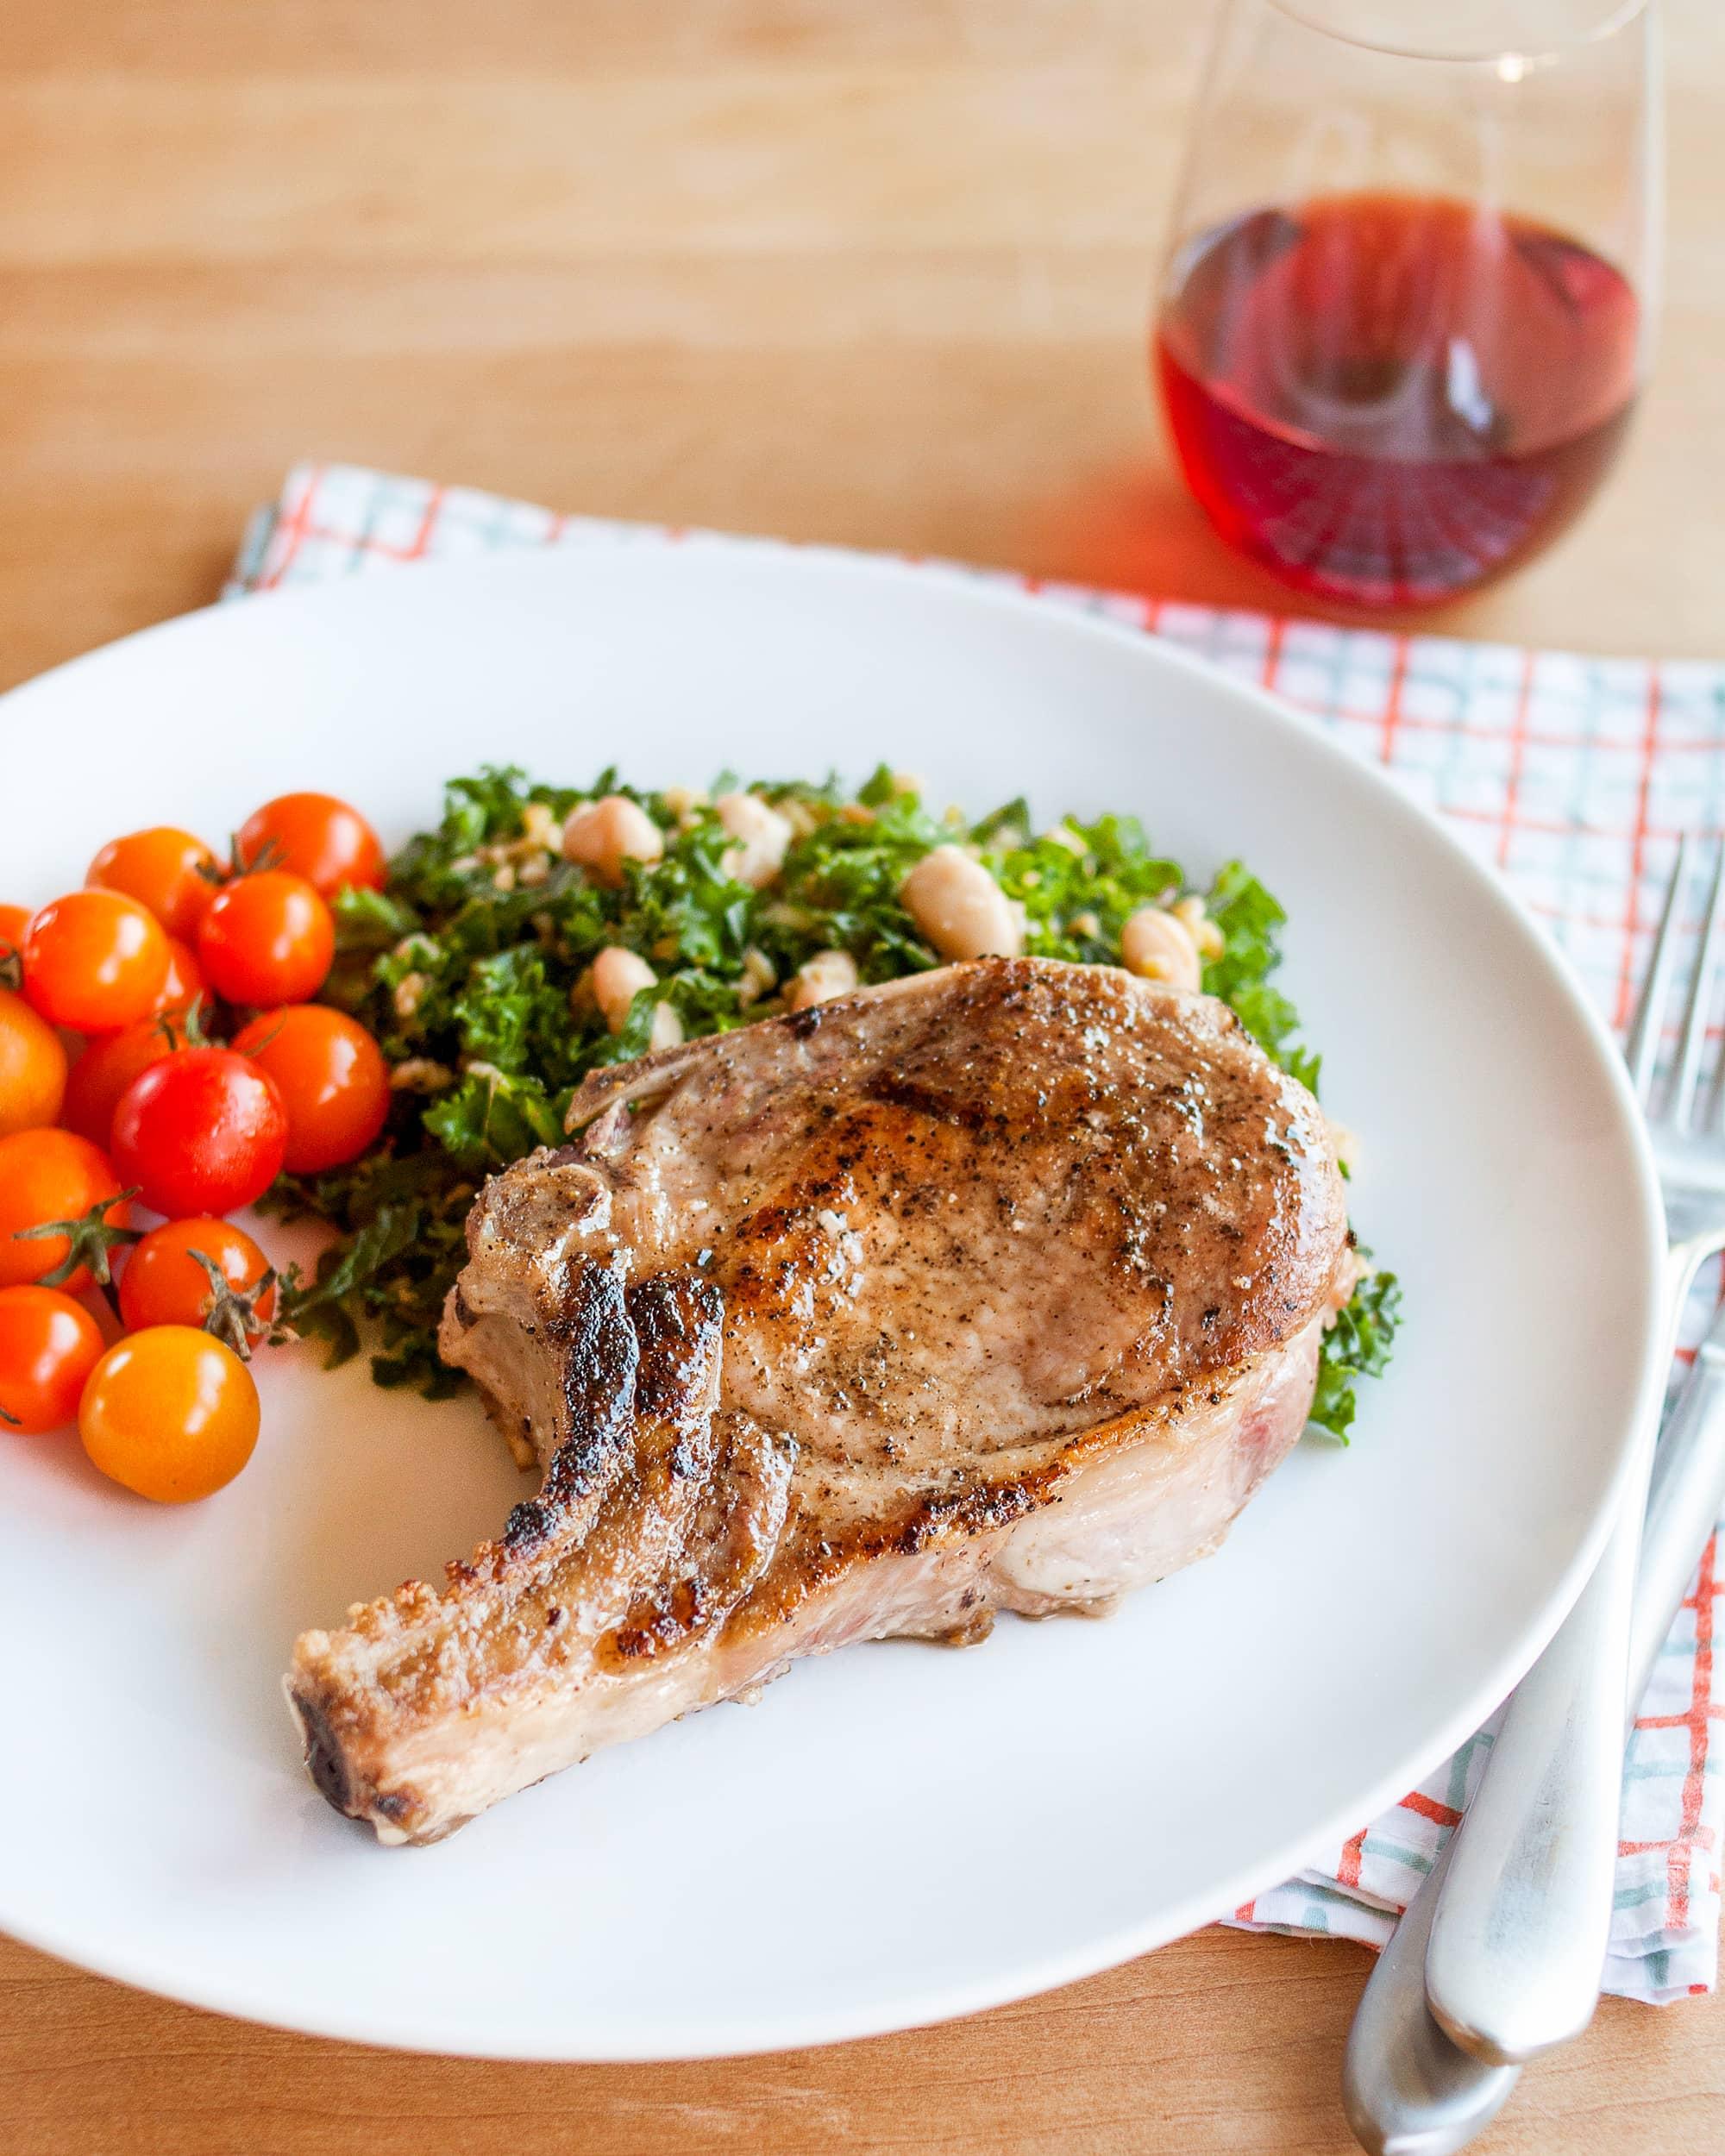 How to Cook Tender, Juicy Pork Chops